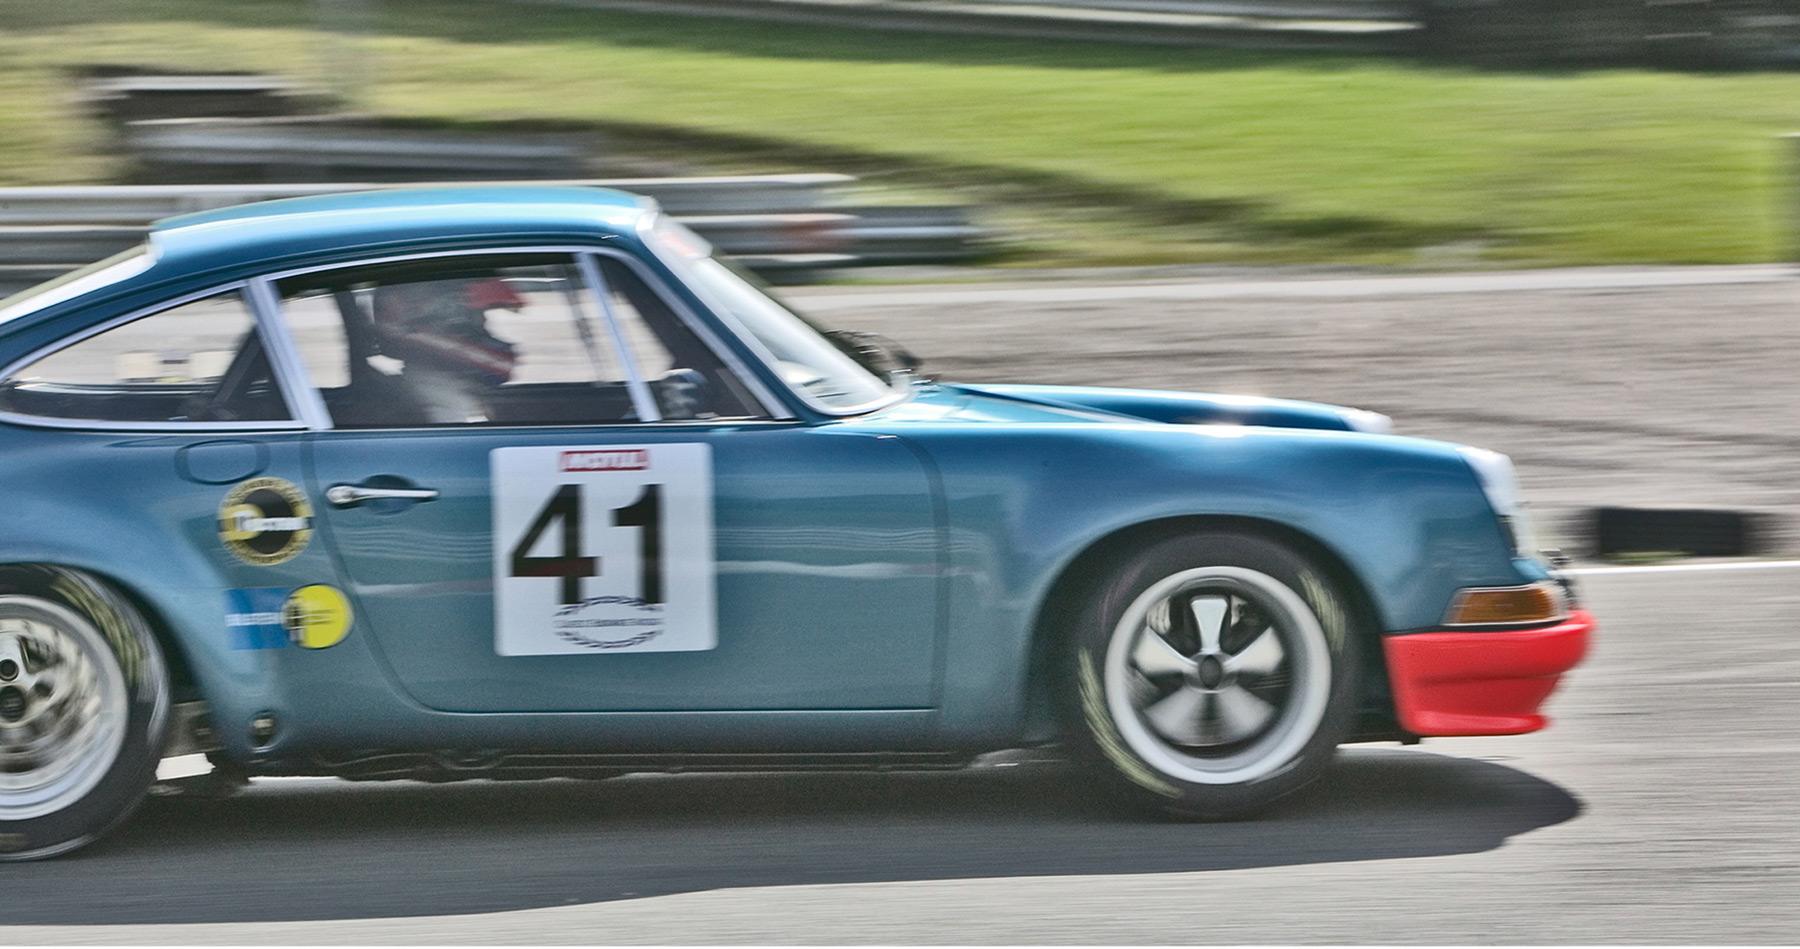 Salzburgring-Porsche-911